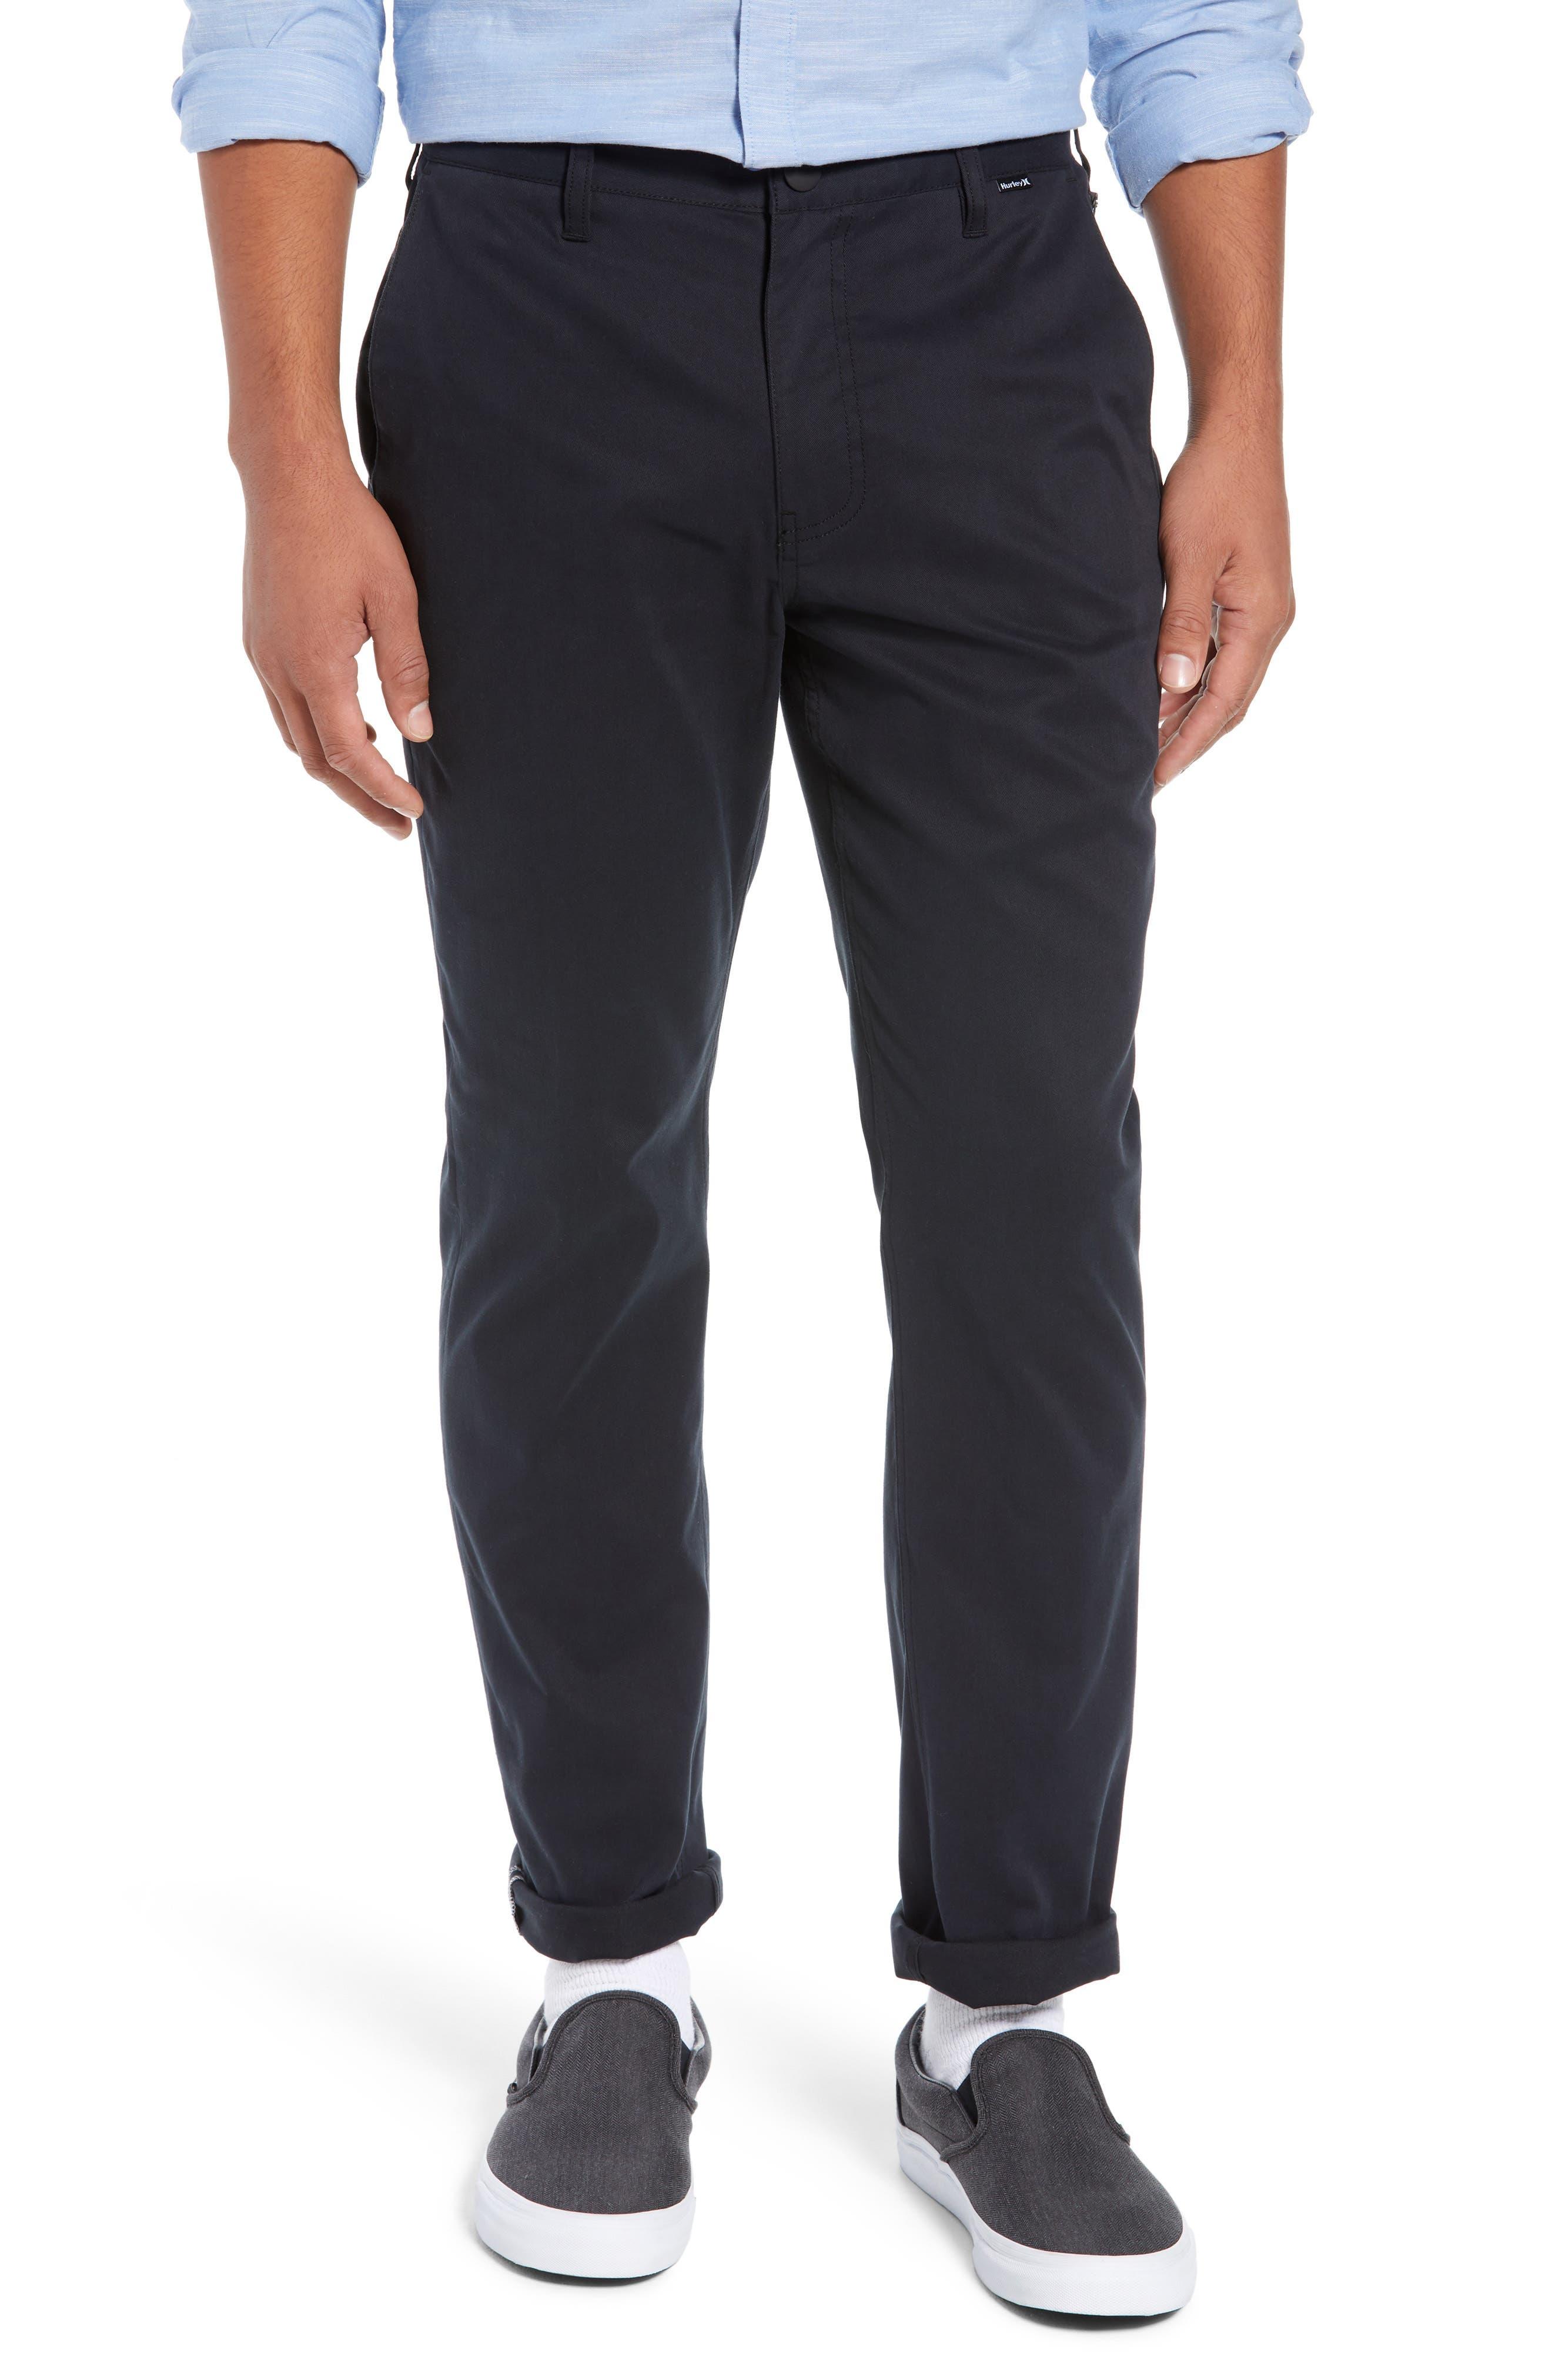 Dri-FIT Pants,                         Main,                         color, BLACK